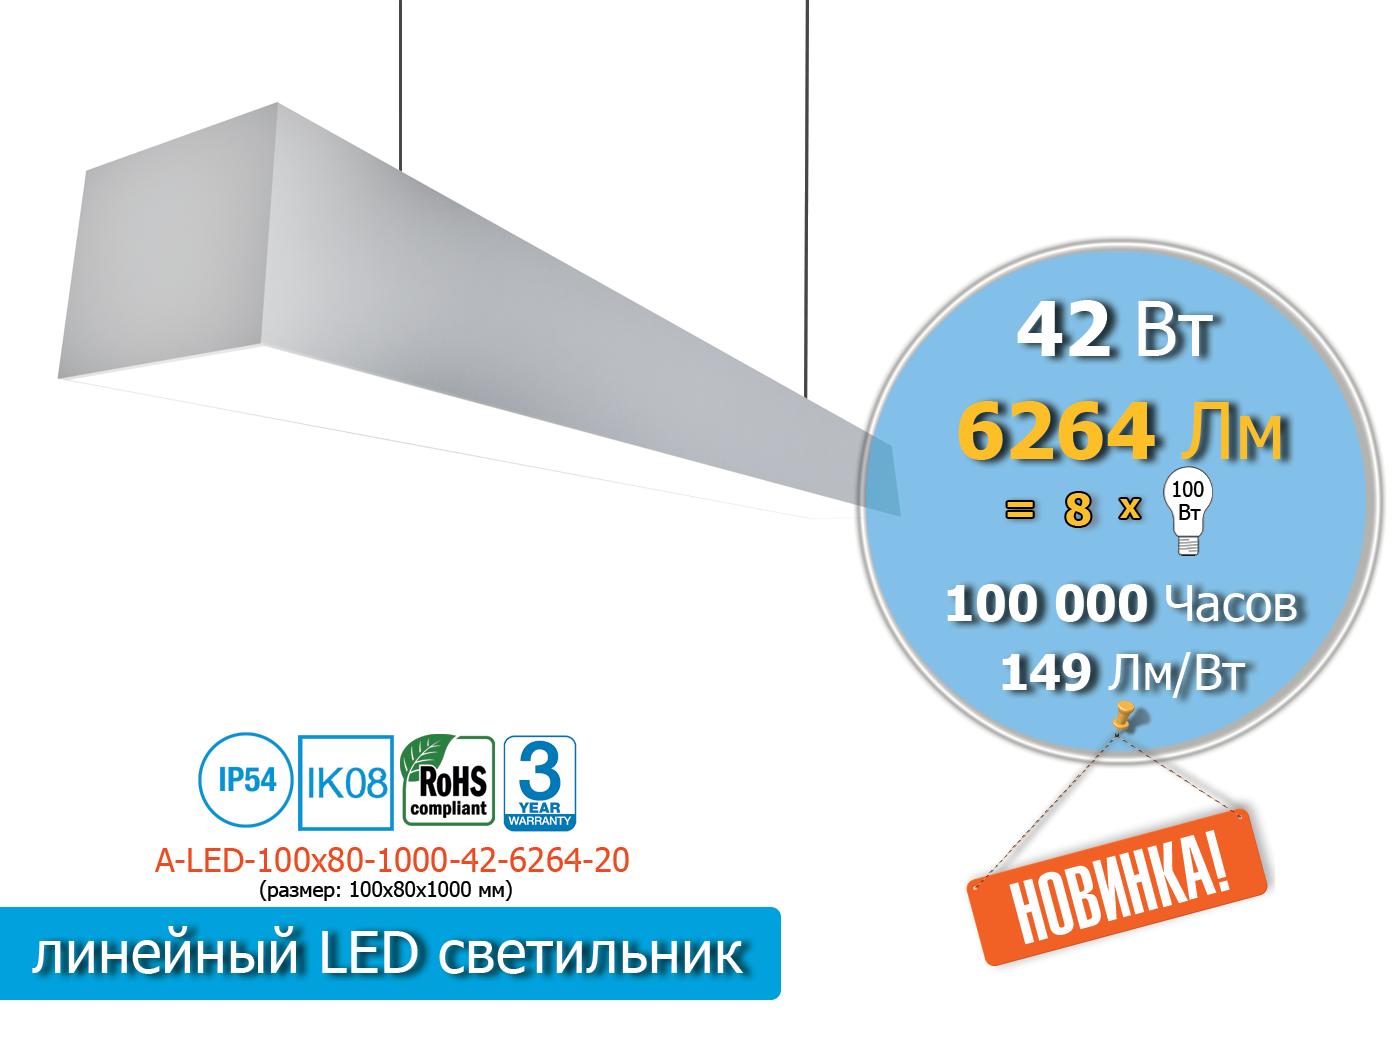 A-LED-100x80-1000-42-6264-20